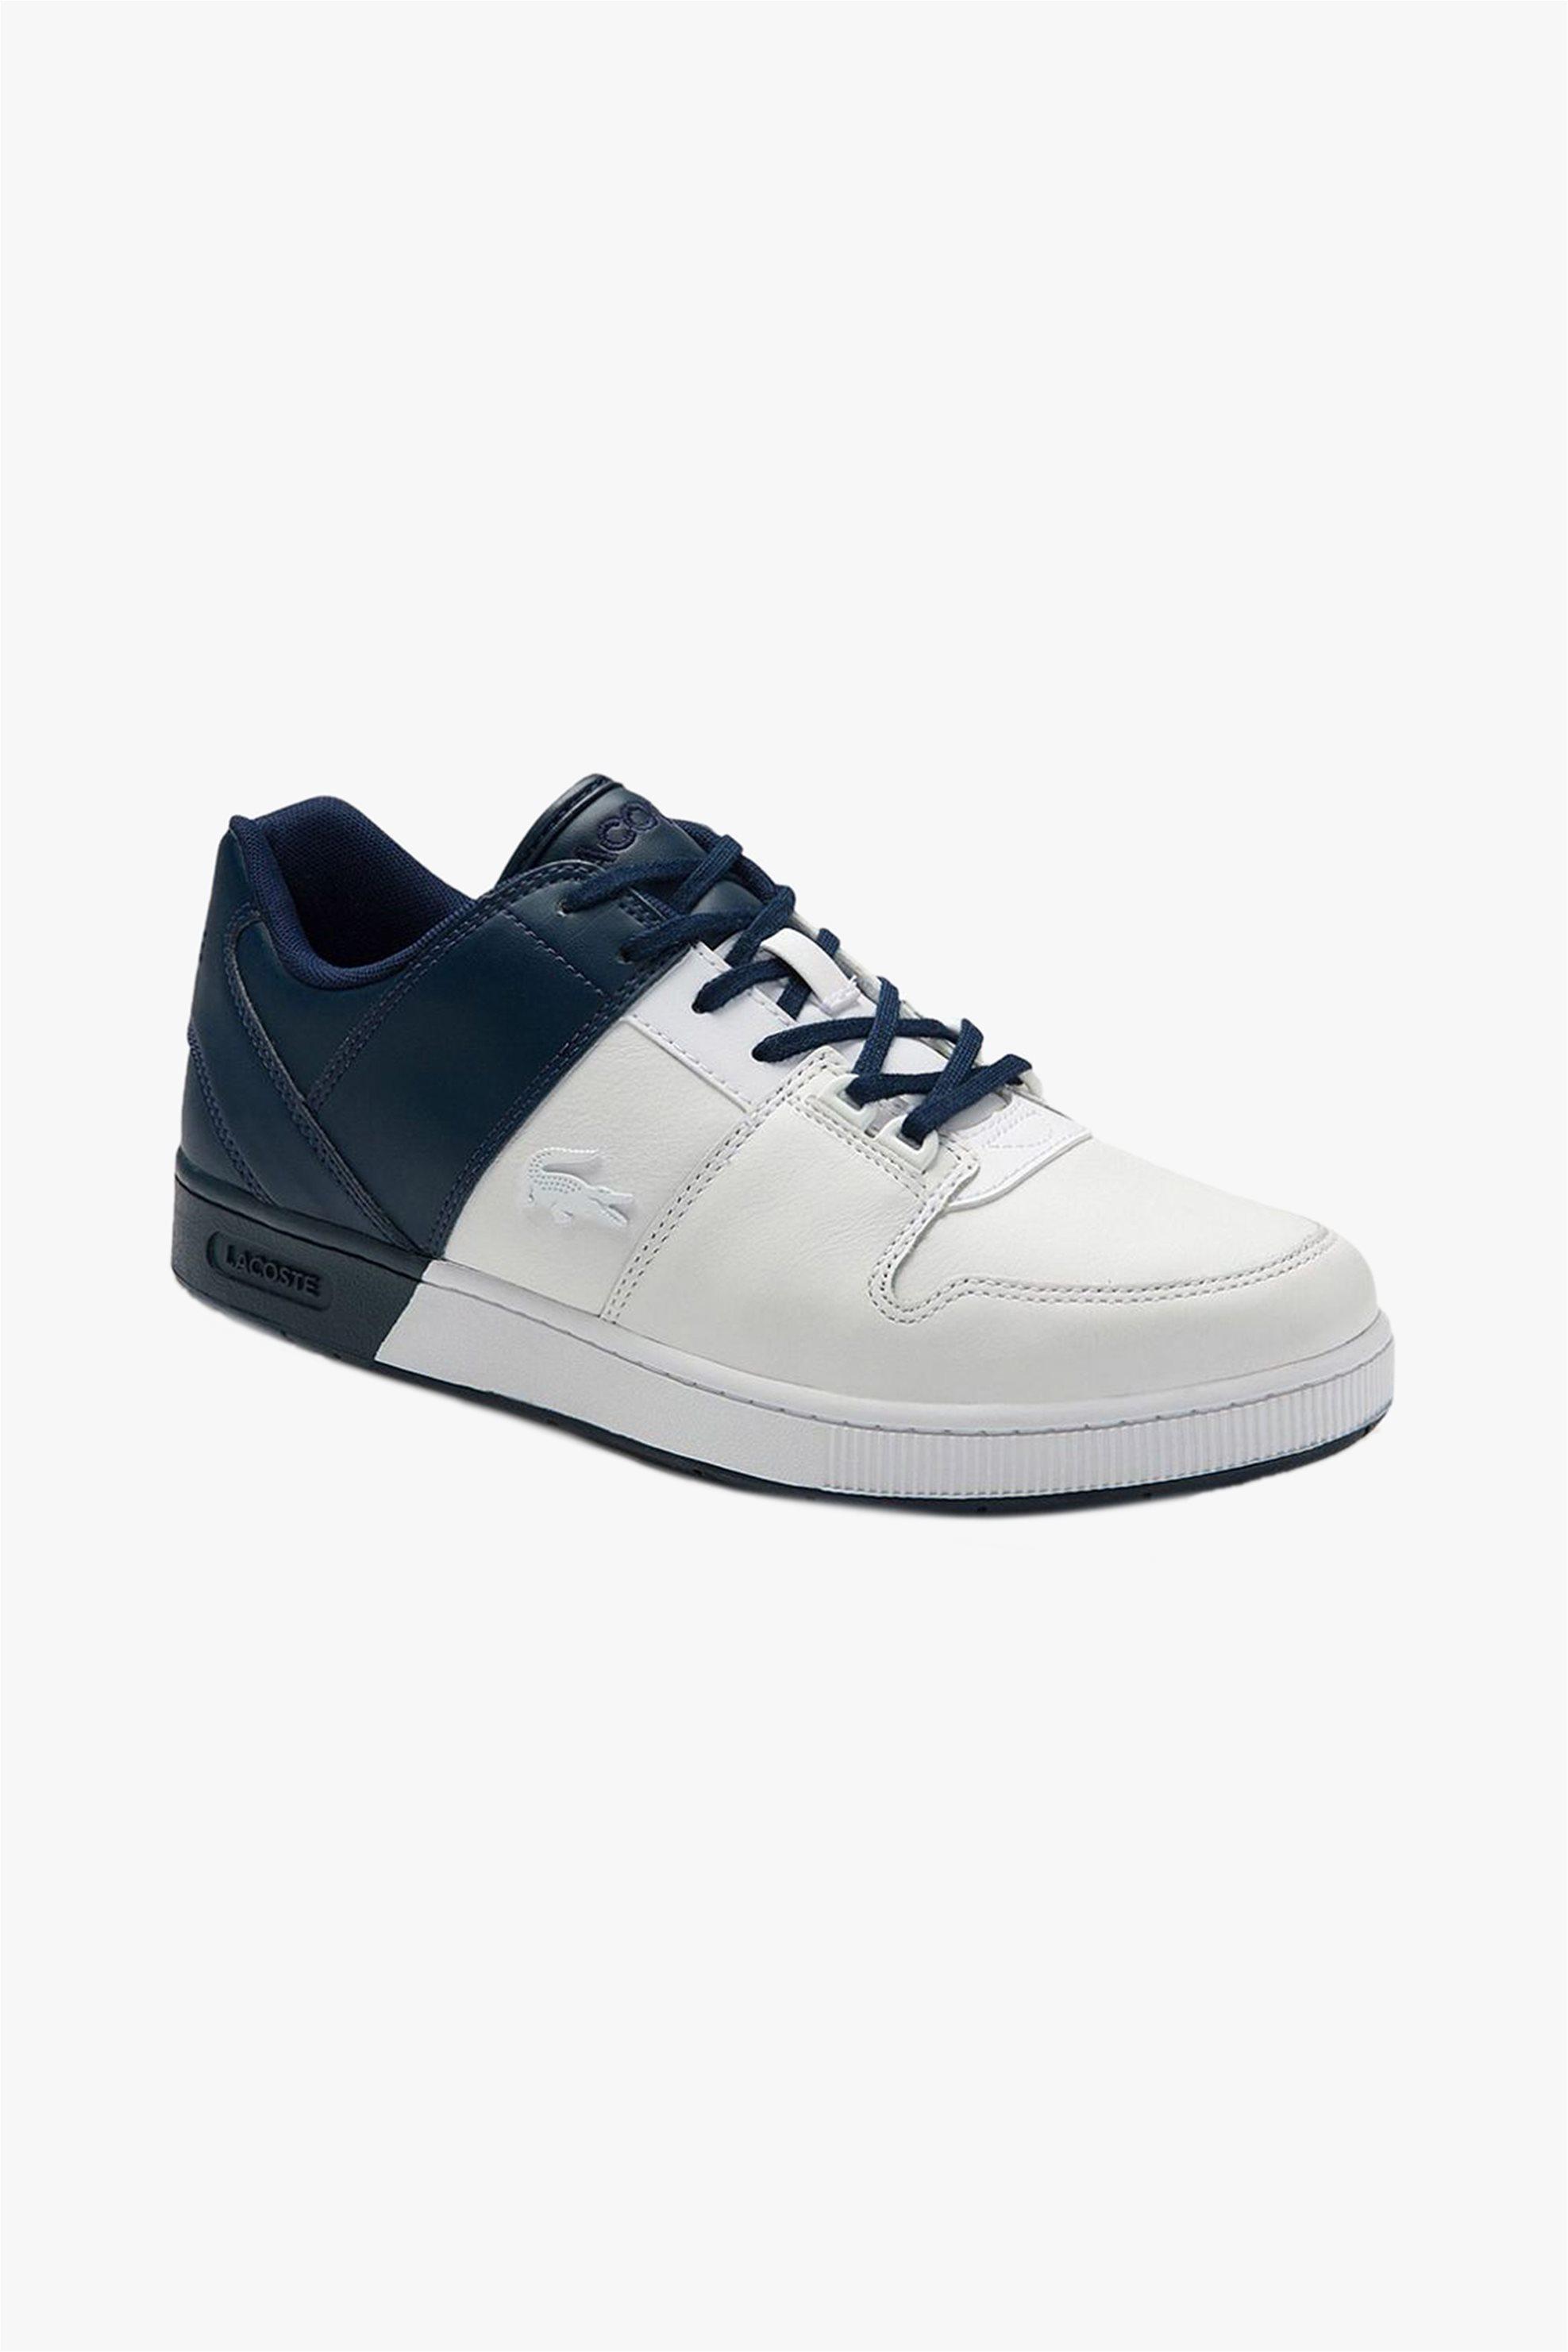 """Lacoste ανδρικά sneakers δίχρωμα """"Thrill"""" – 40SMA0053042 – Μπλε Σκούρο"""